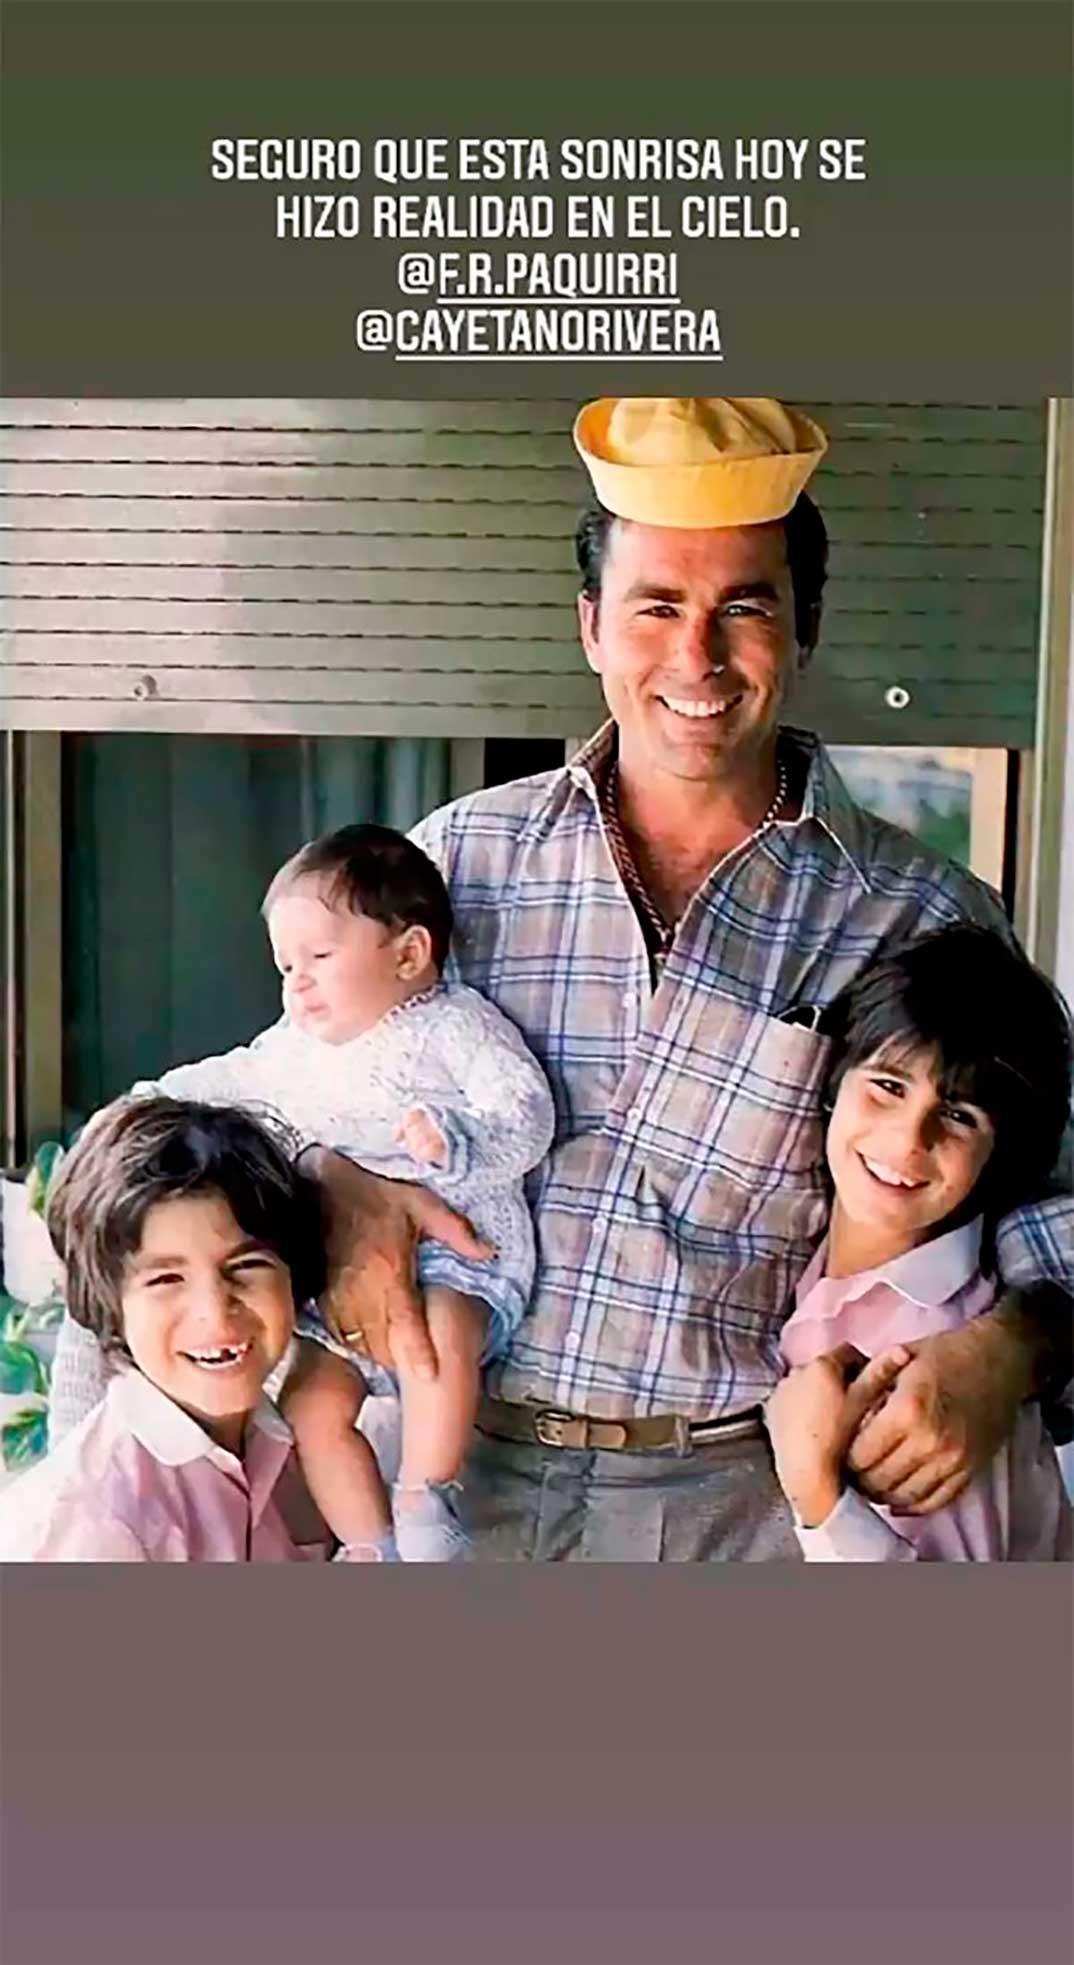 Kiko Rivera, Francisco Rivera, Cayetano Rivera con su padre © Instagram